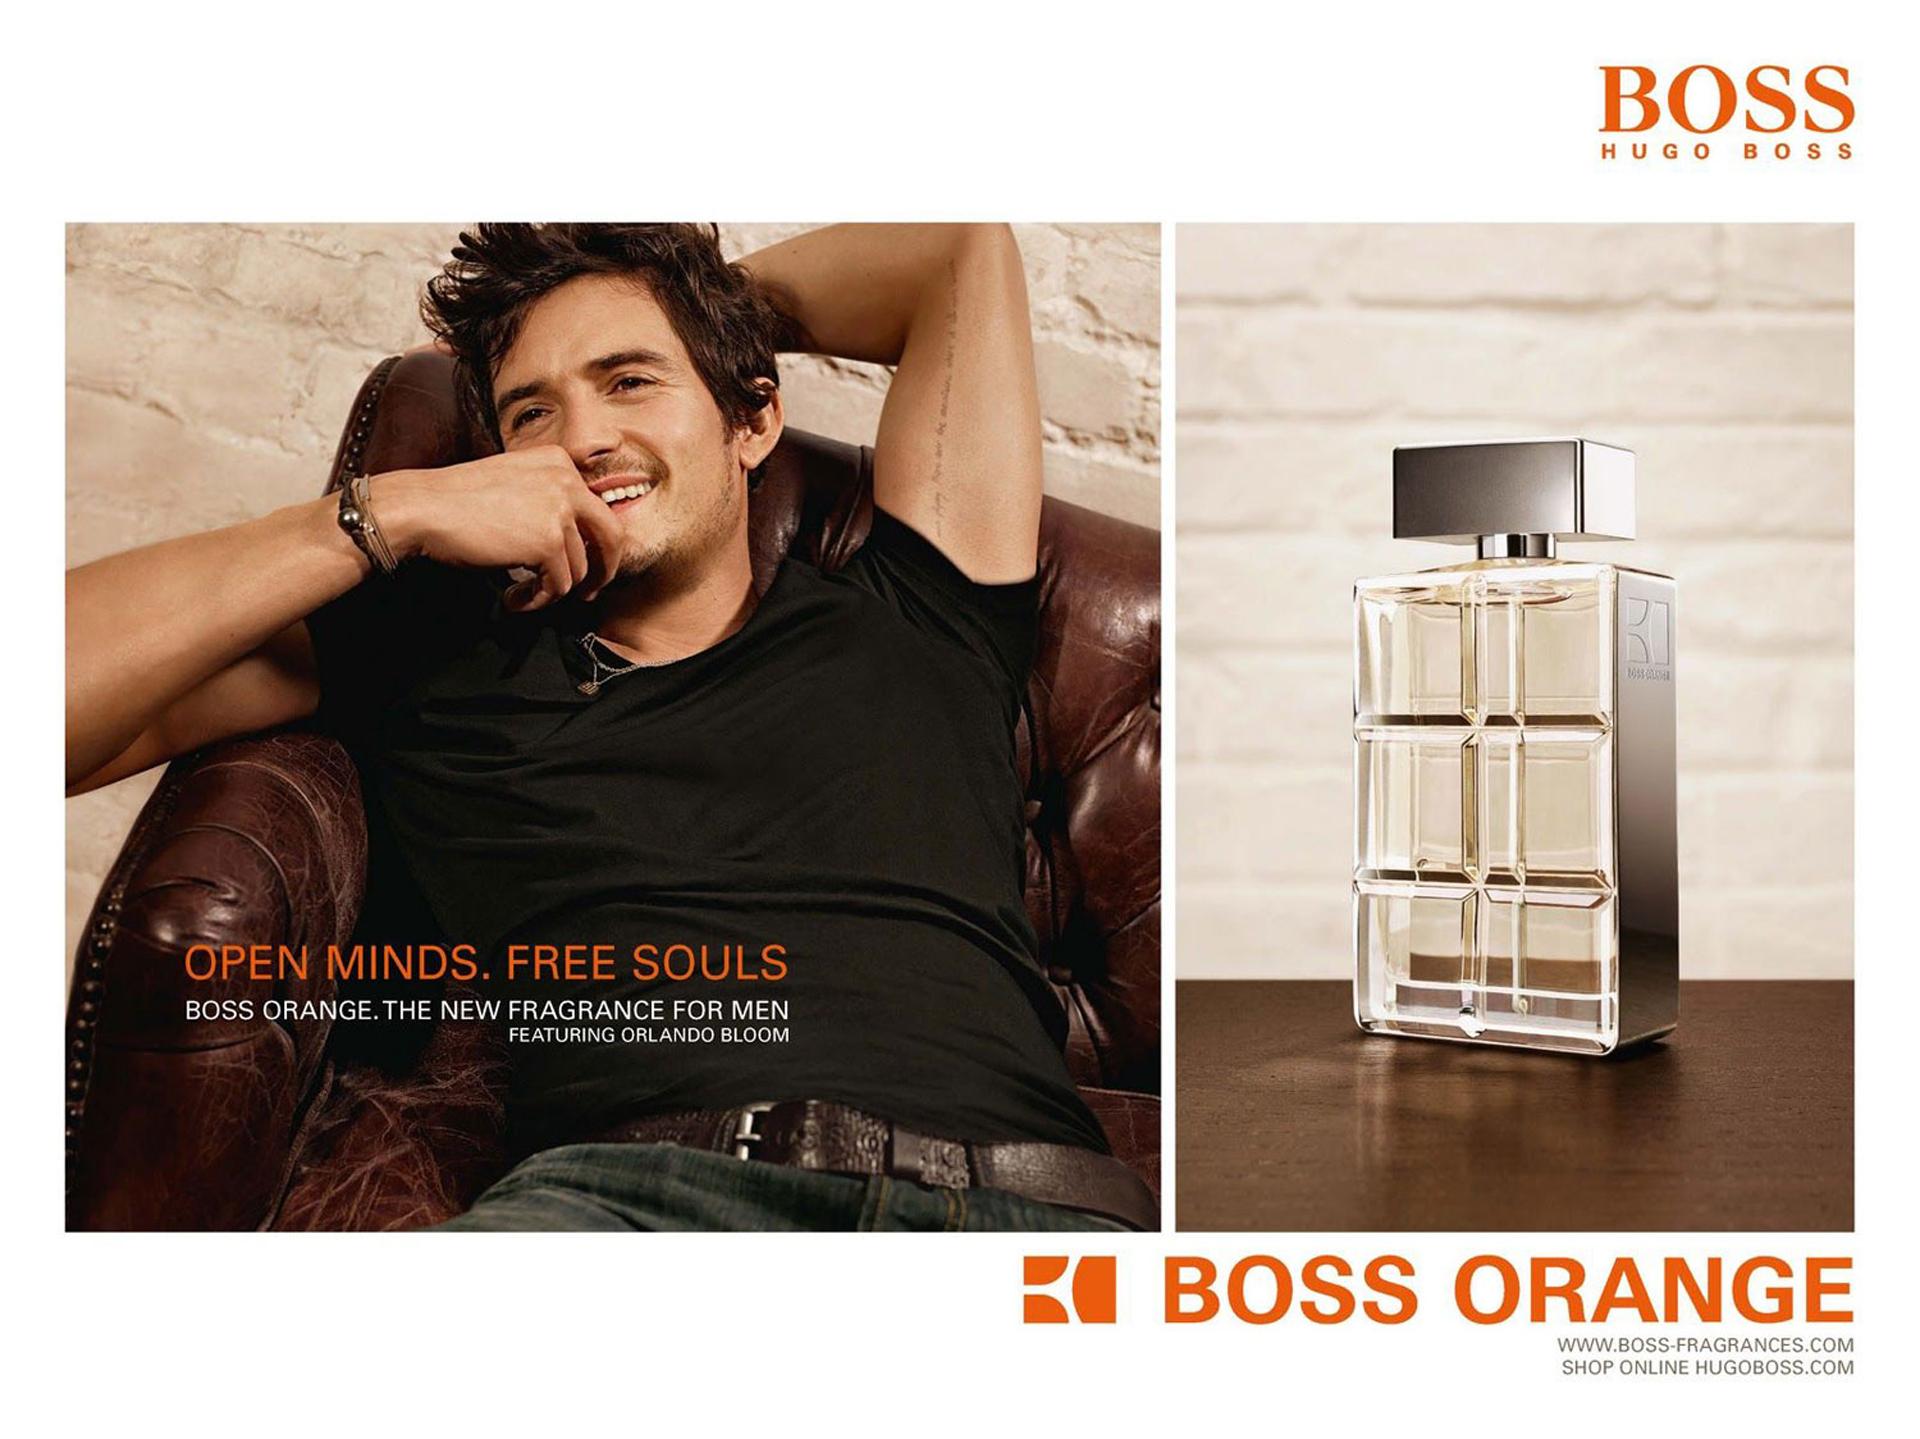 Orlando Bloom en la campaña de Boss Orange, look relaxed con jeans y remera de algodón